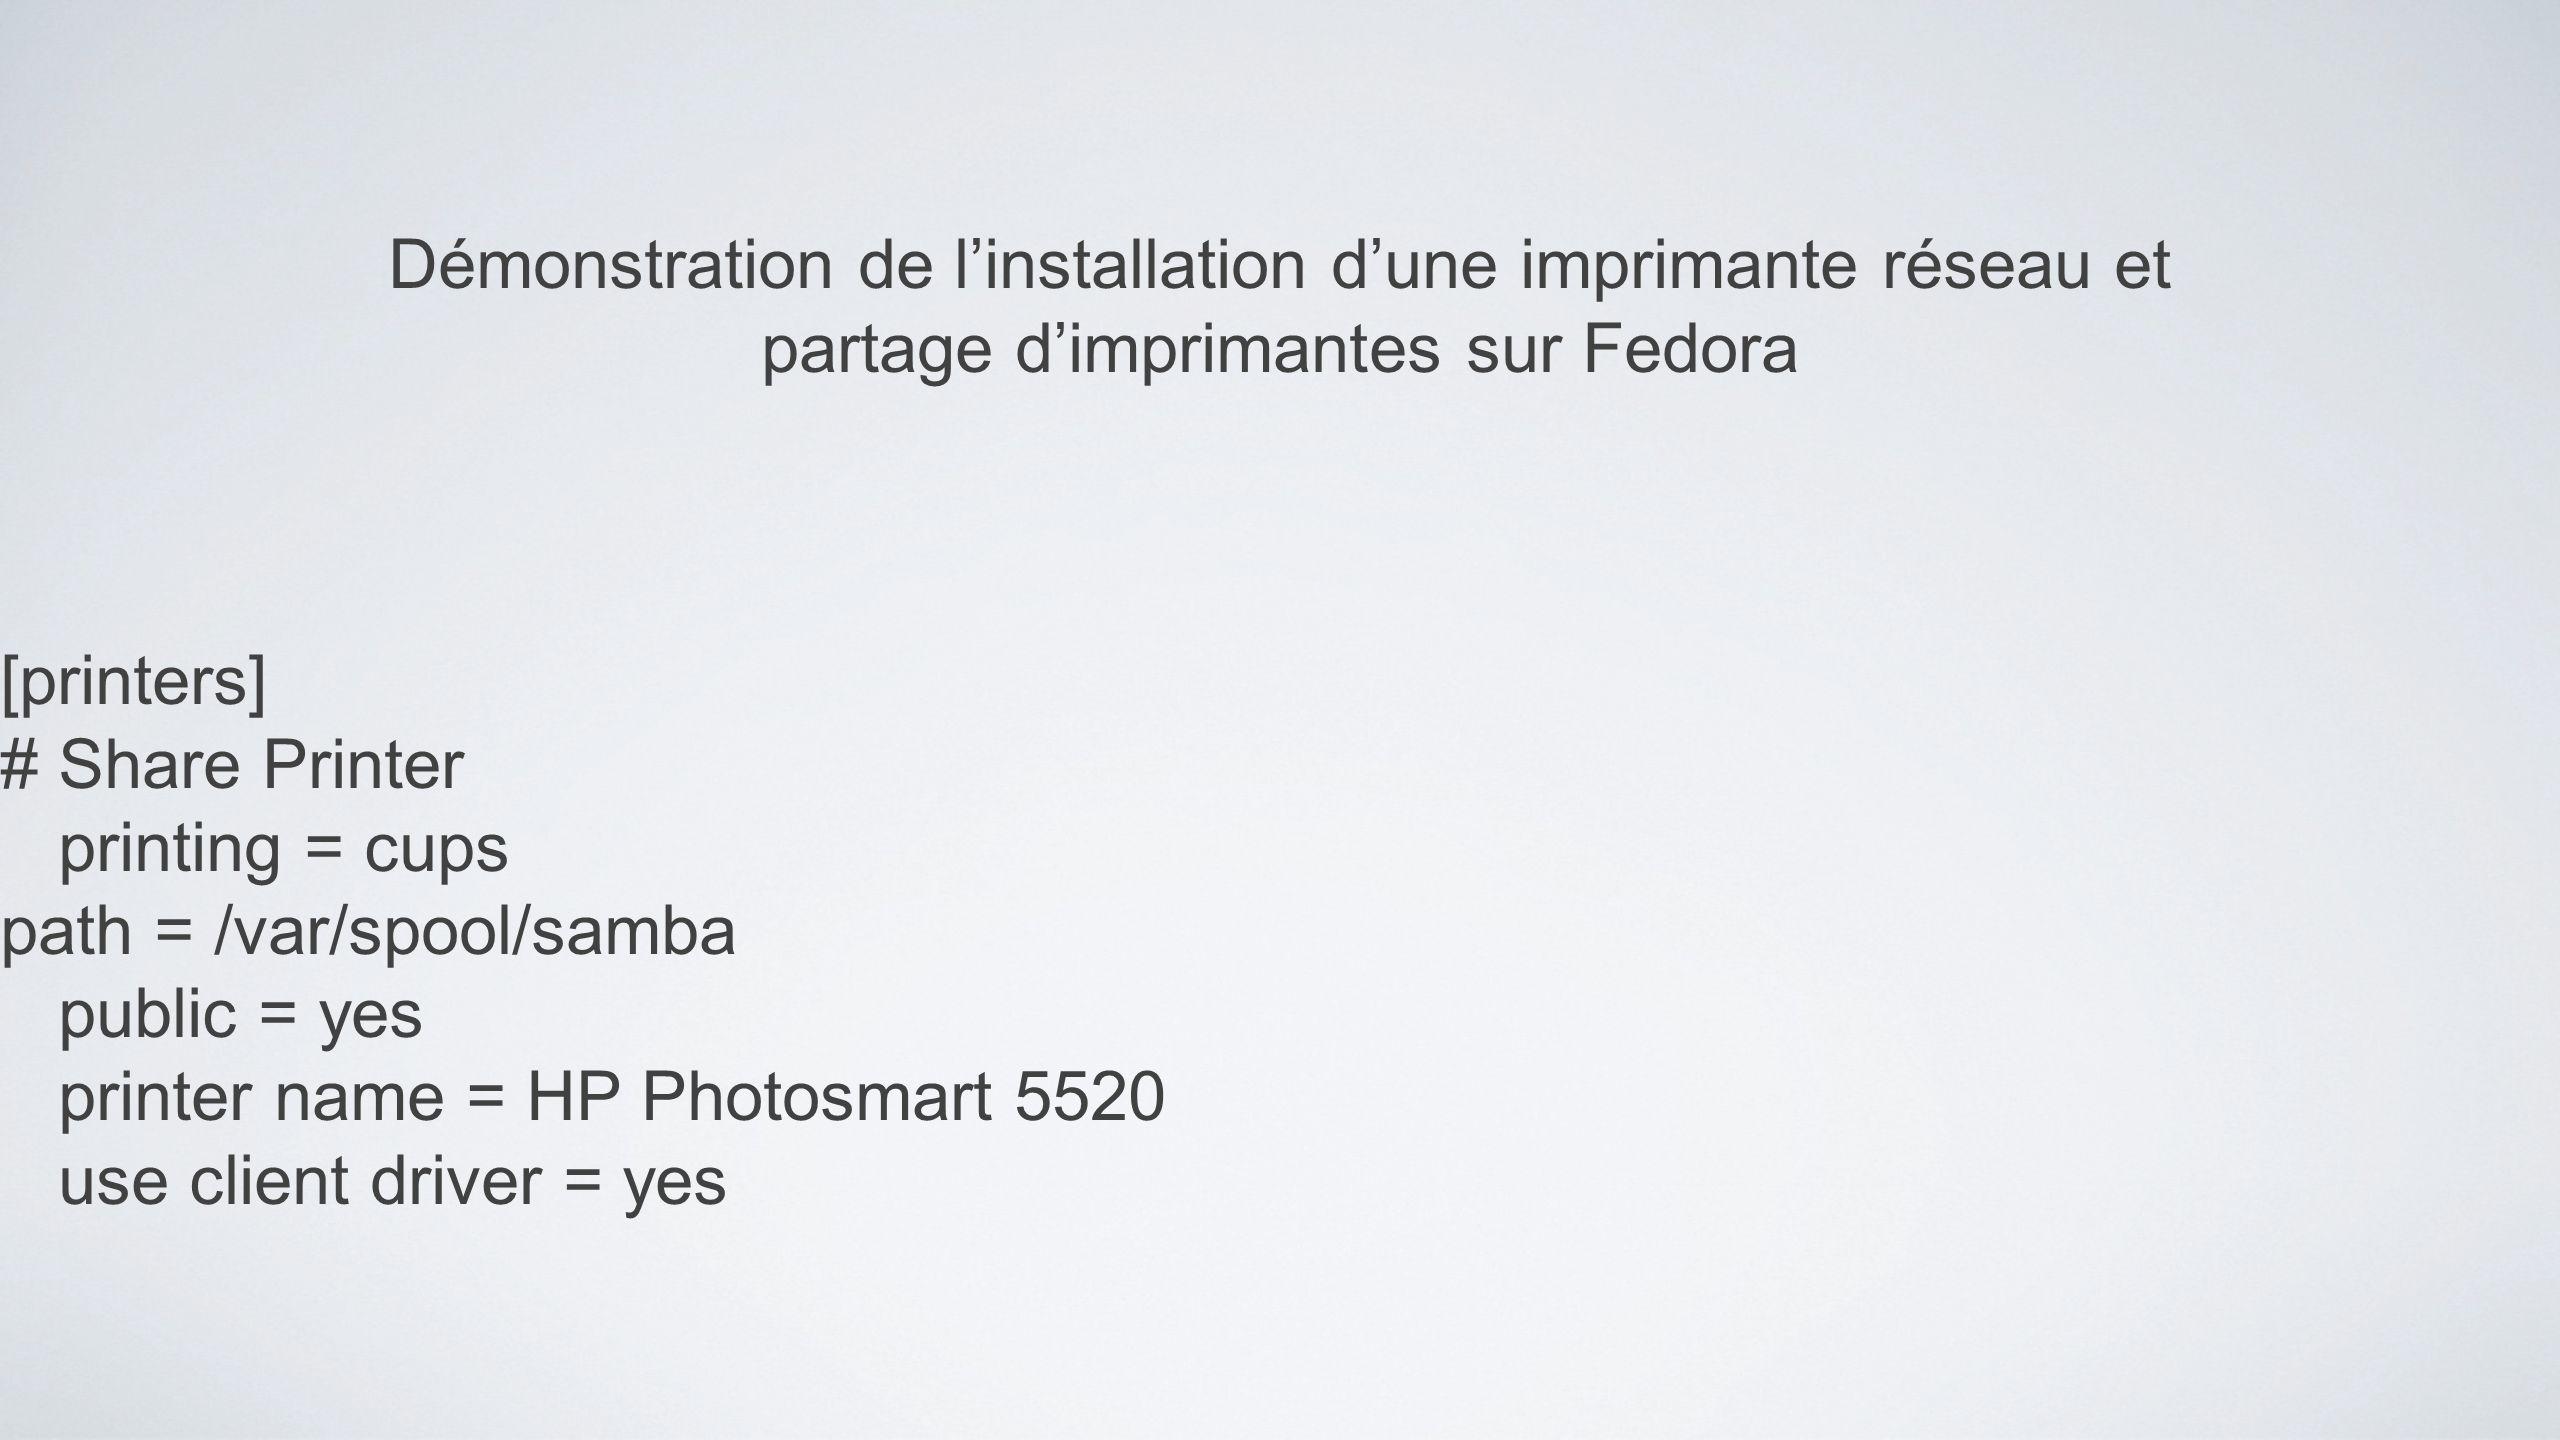 Démonstration de linstallation dune imprimante réseau et partage dimprimantes sur Fedora [printers] # Share Printer printing = cups path = /var/spool/